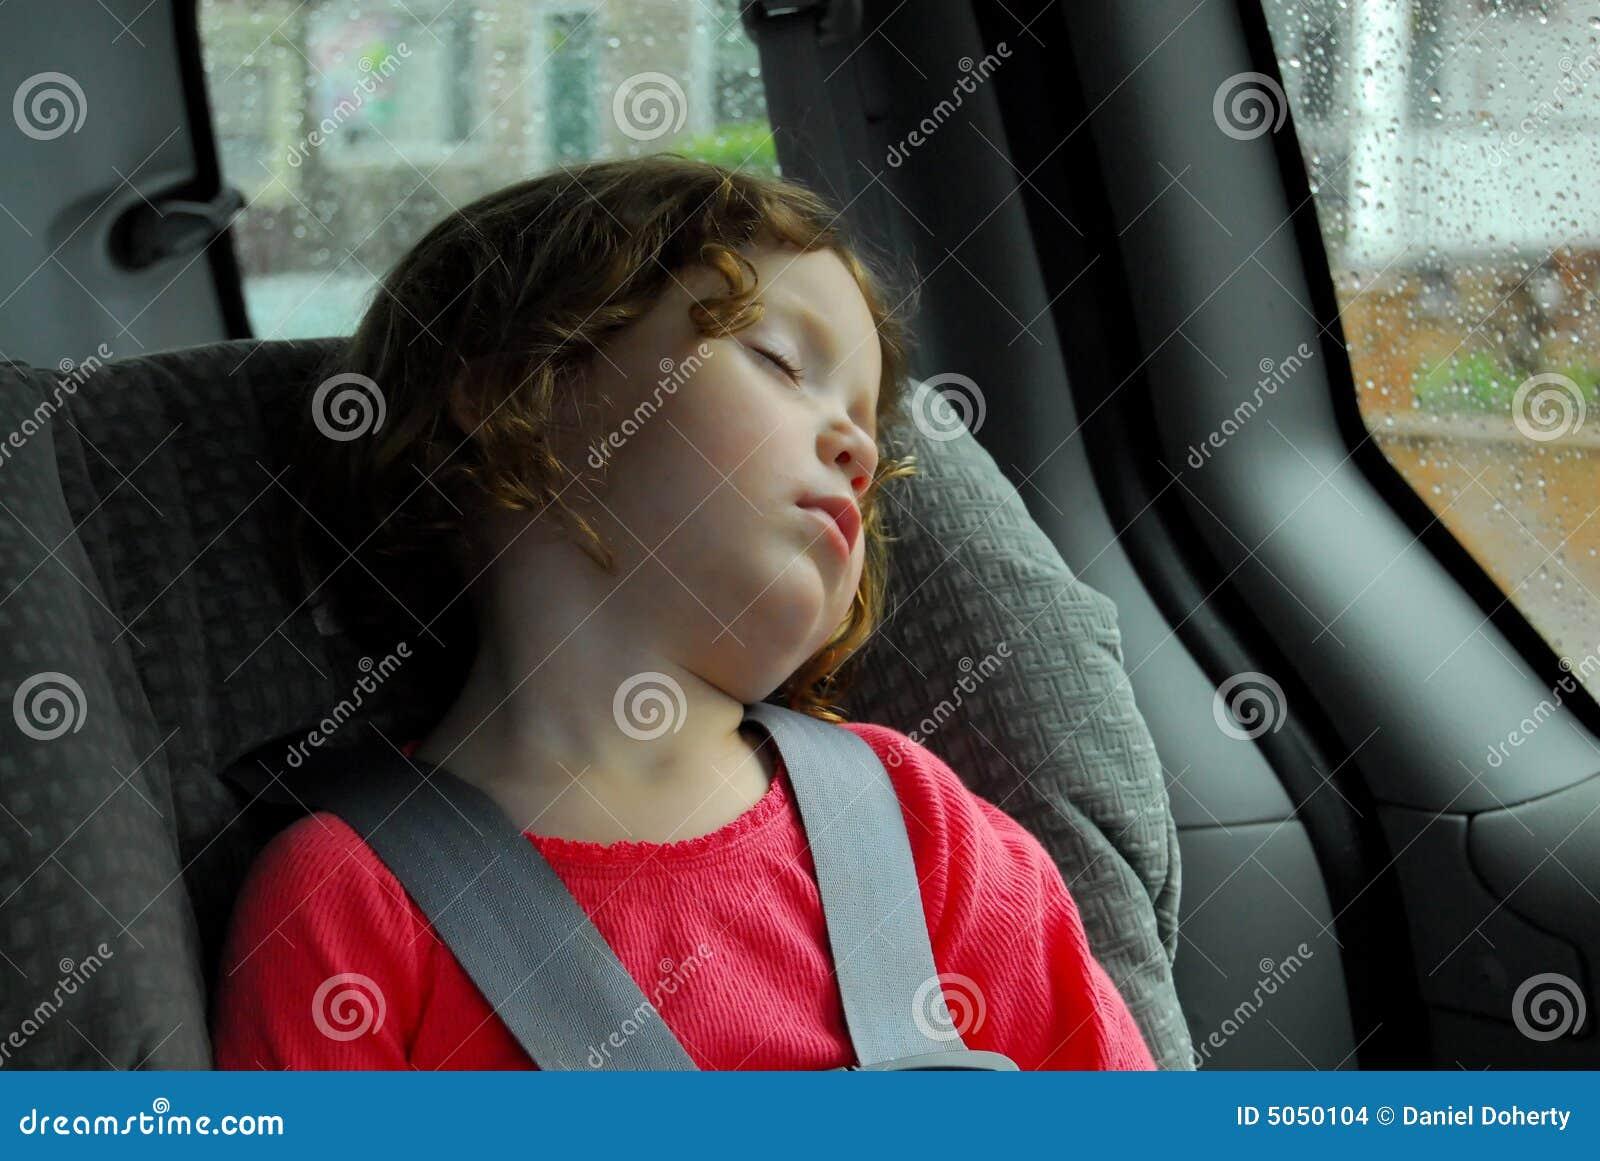 Ein kleines mädchen das in ihrem autositz an einem rainny tag